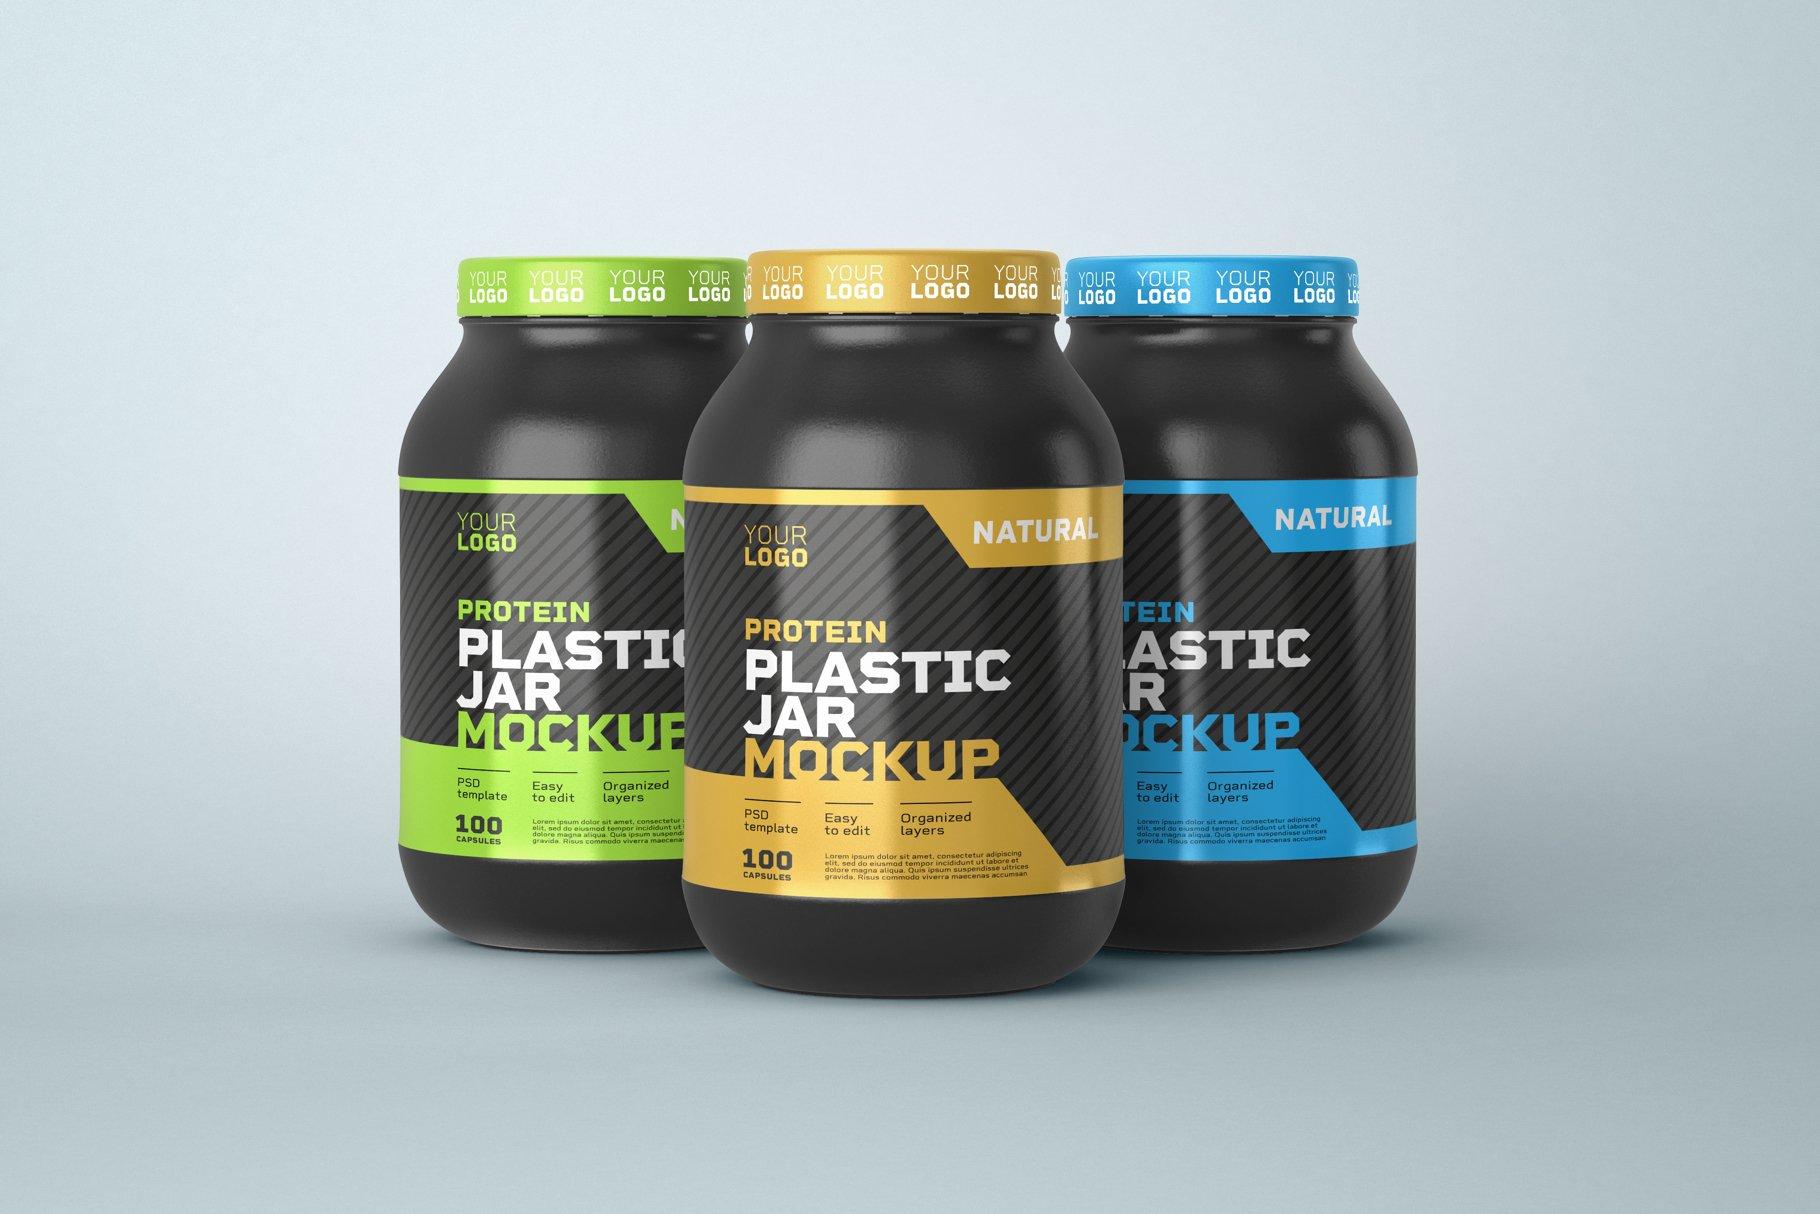 10款食物塑料罐标签设计展示样机模板 Food Supplement Plastic Jar Mockup插图(1)